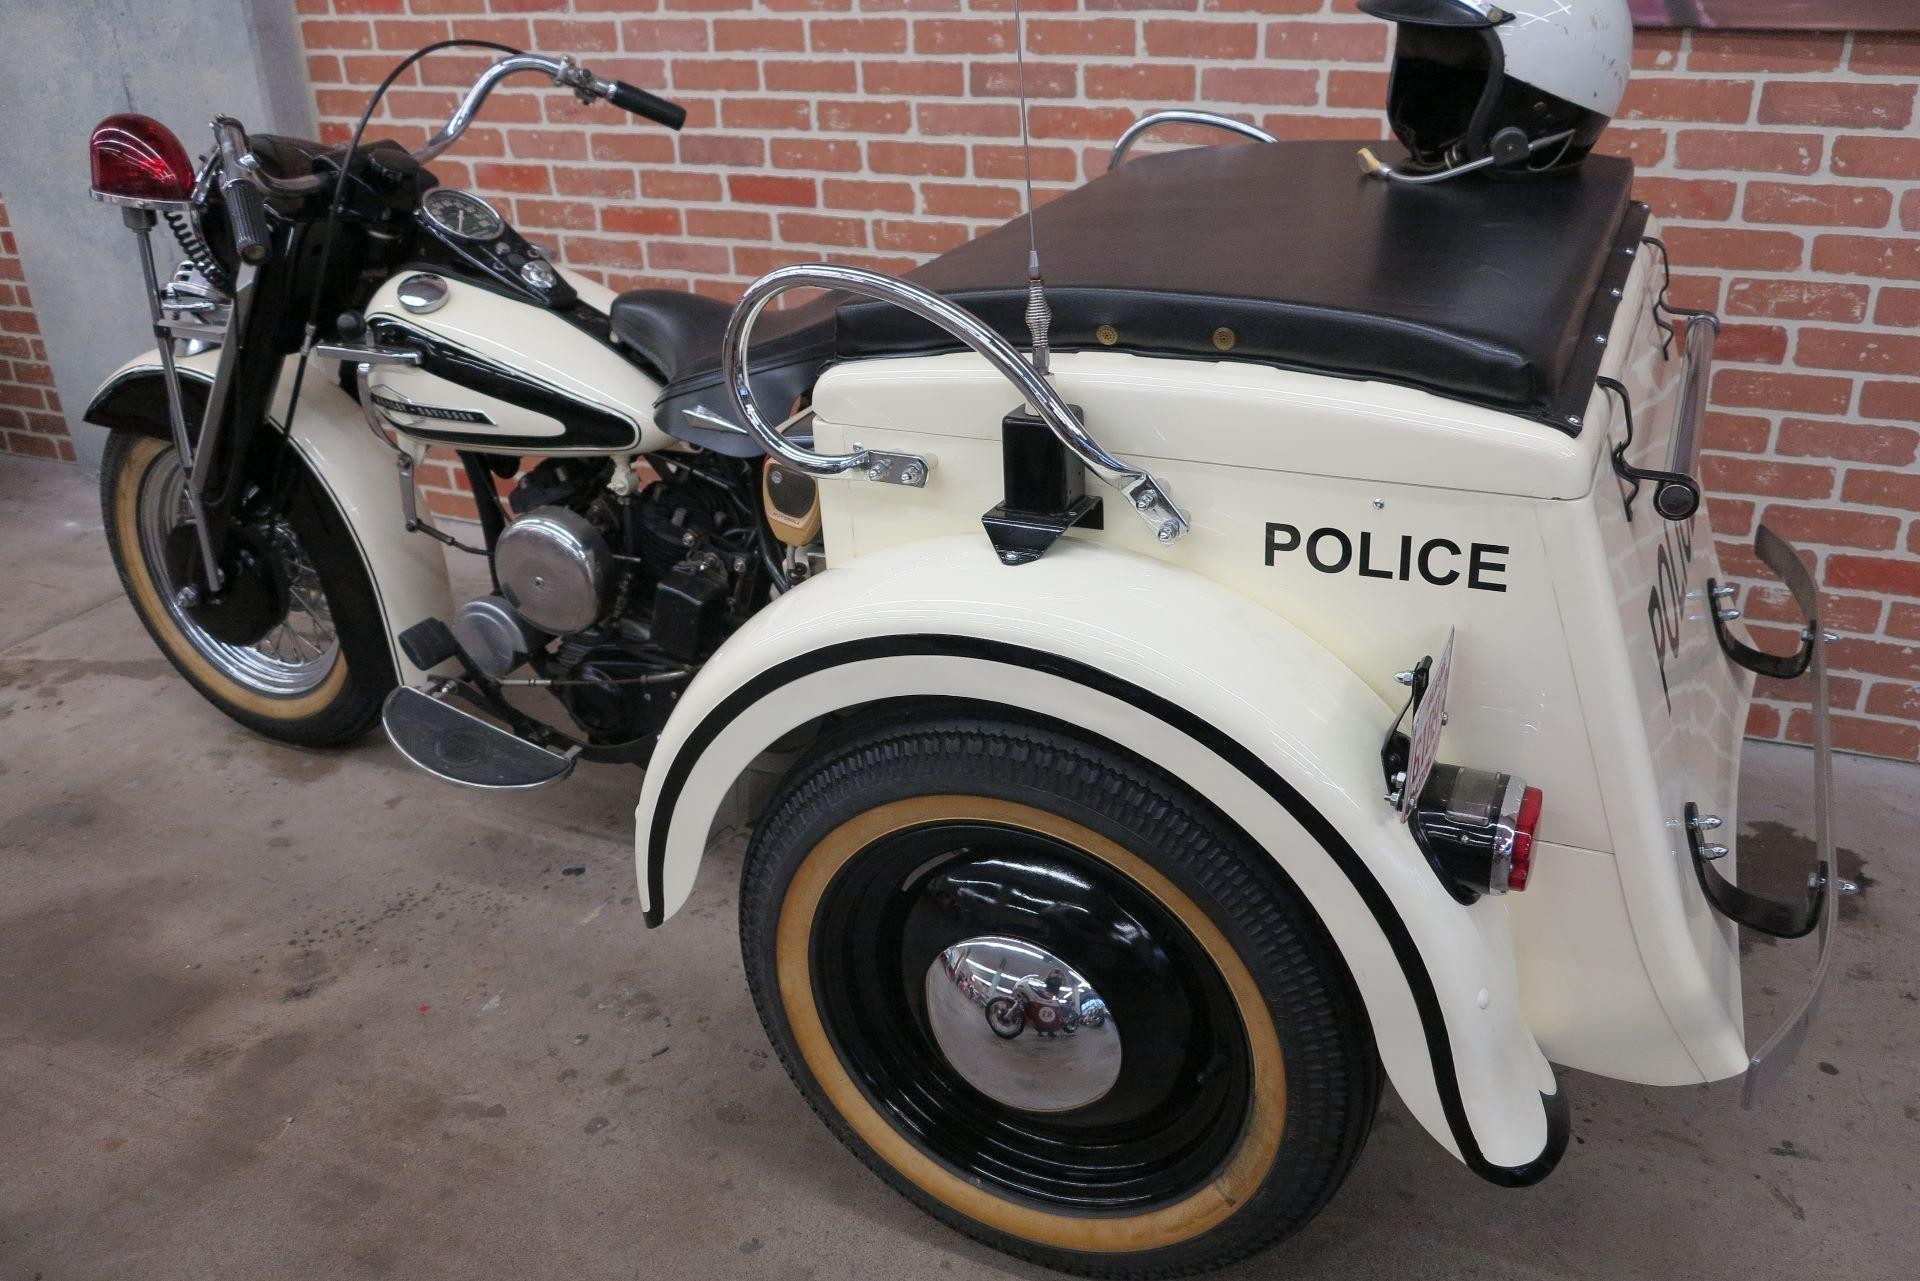 motorrad oldtimer kaufen harley davidson servicar 1963 ge police harley davidson zentral schweiz. Black Bedroom Furniture Sets. Home Design Ideas